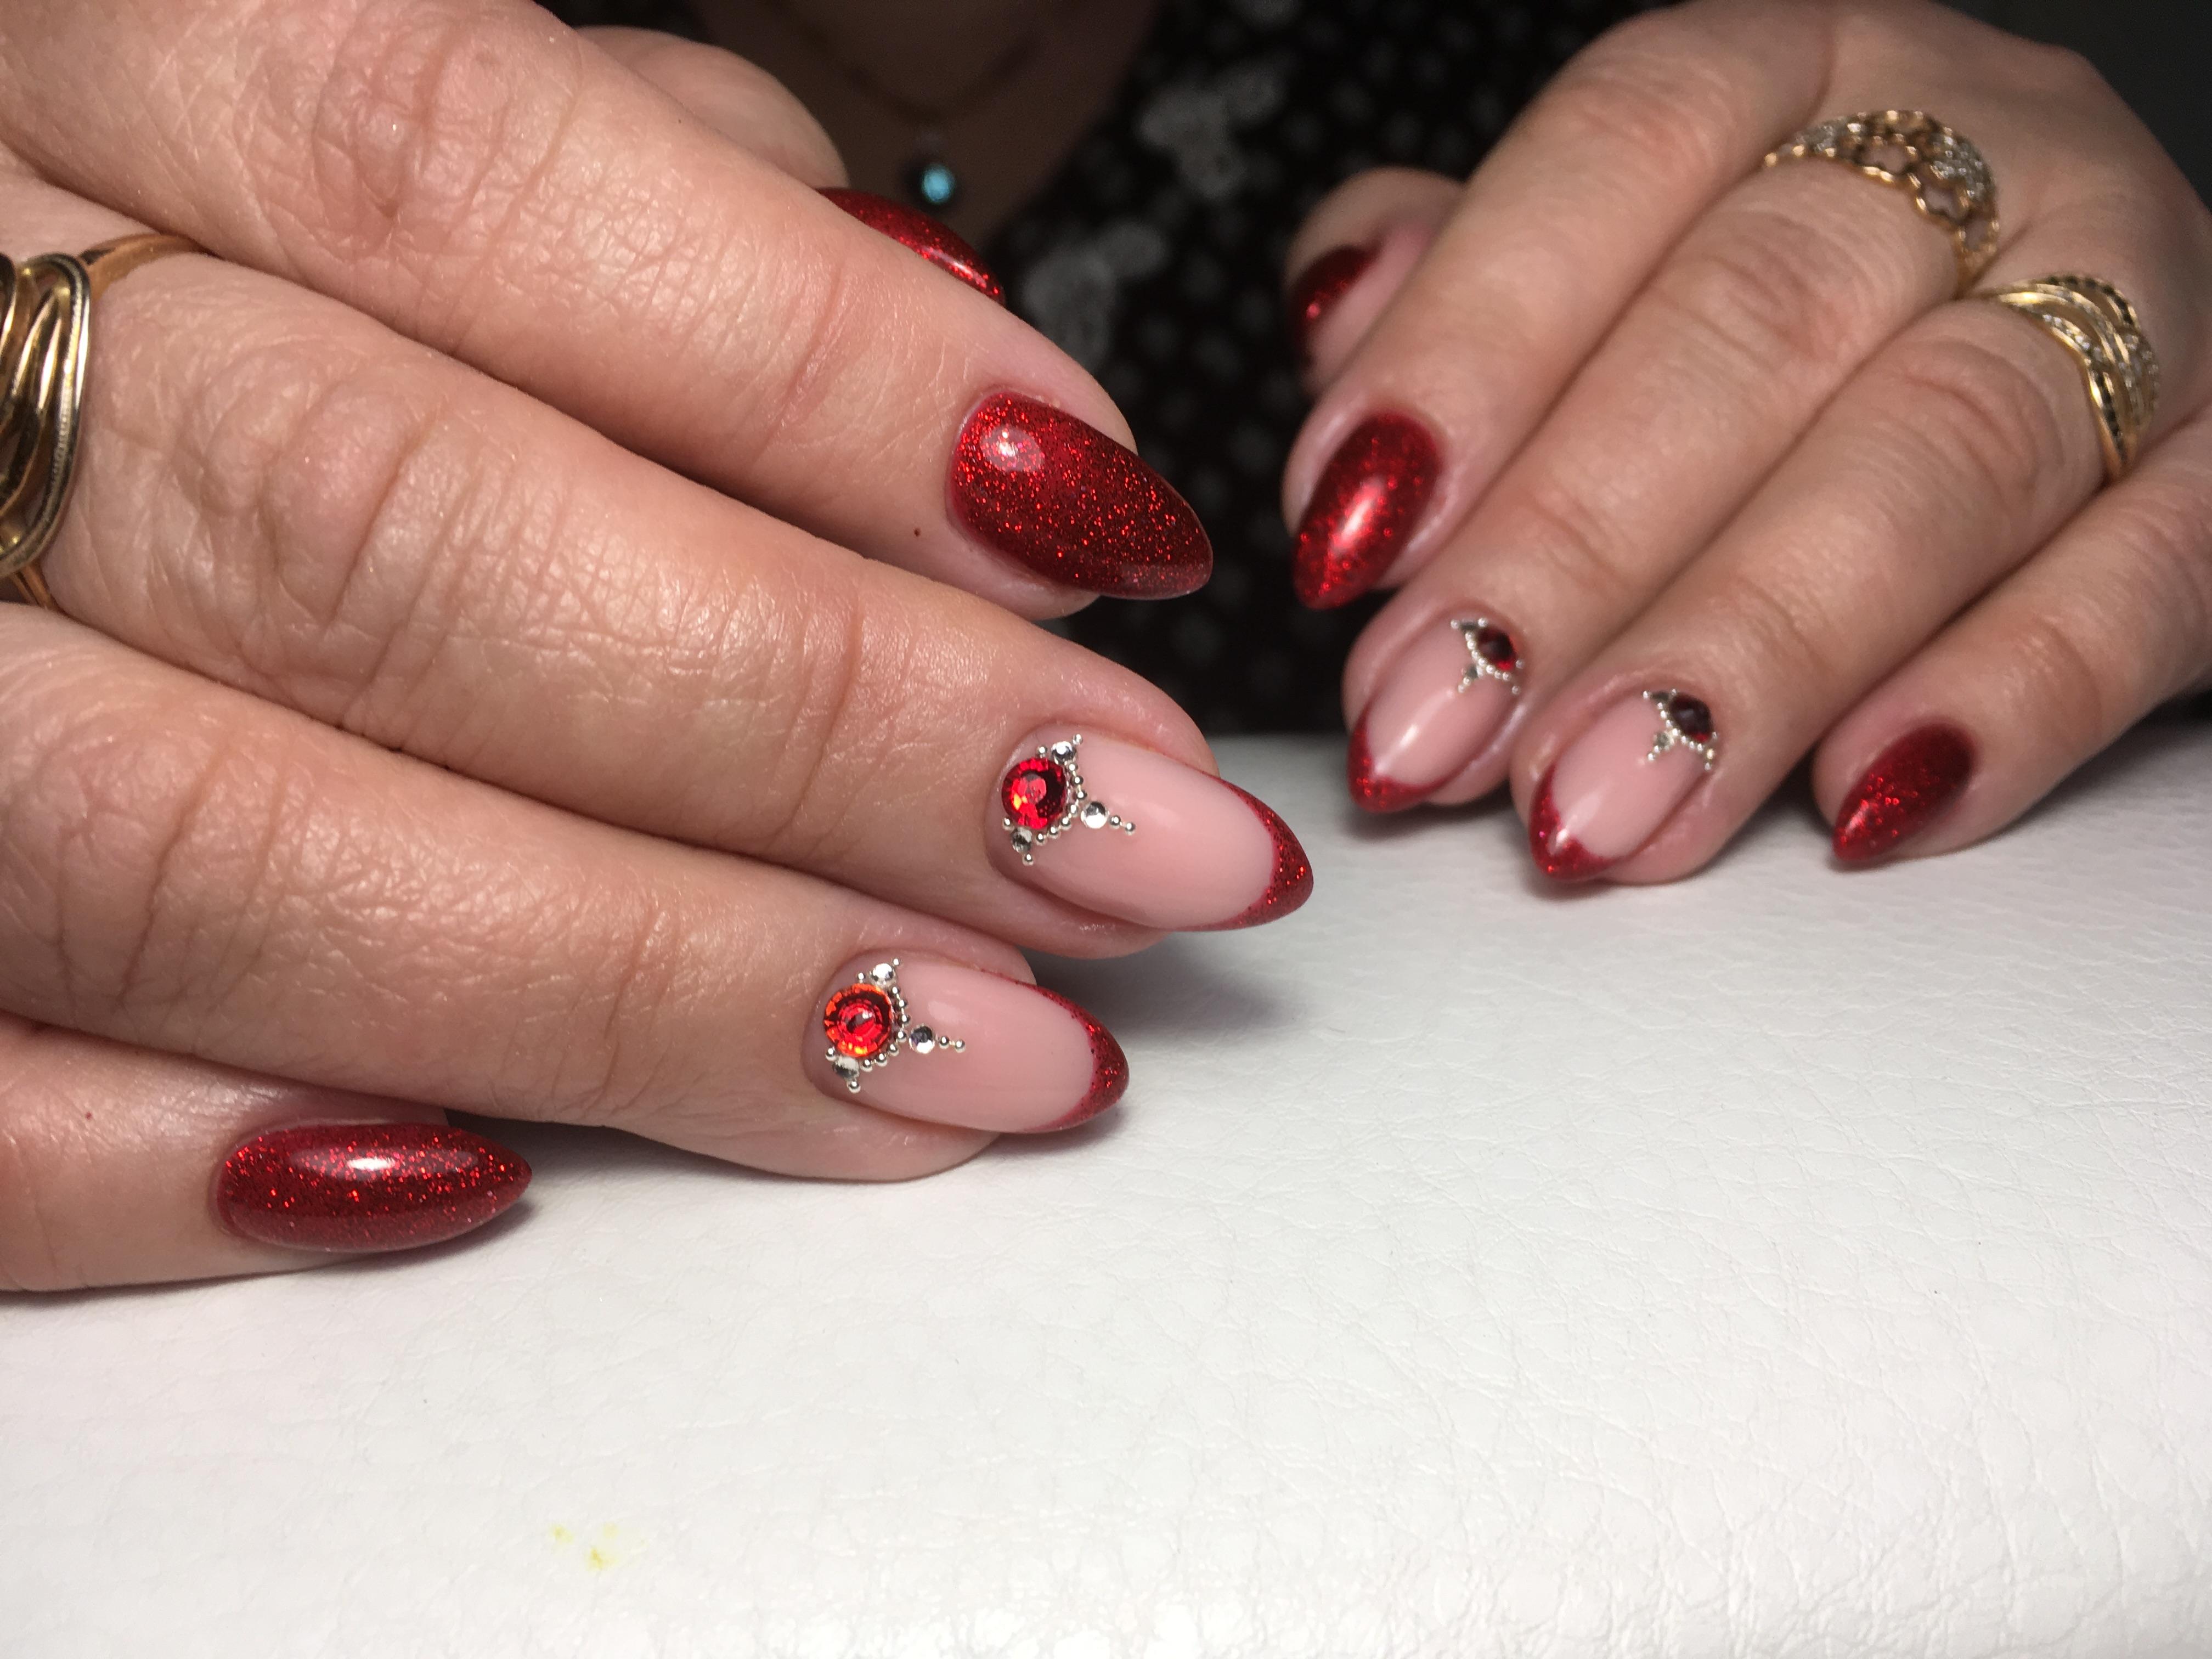 Маникюр с френч-дизайном, блестками и стразами в темно-красном цвете.